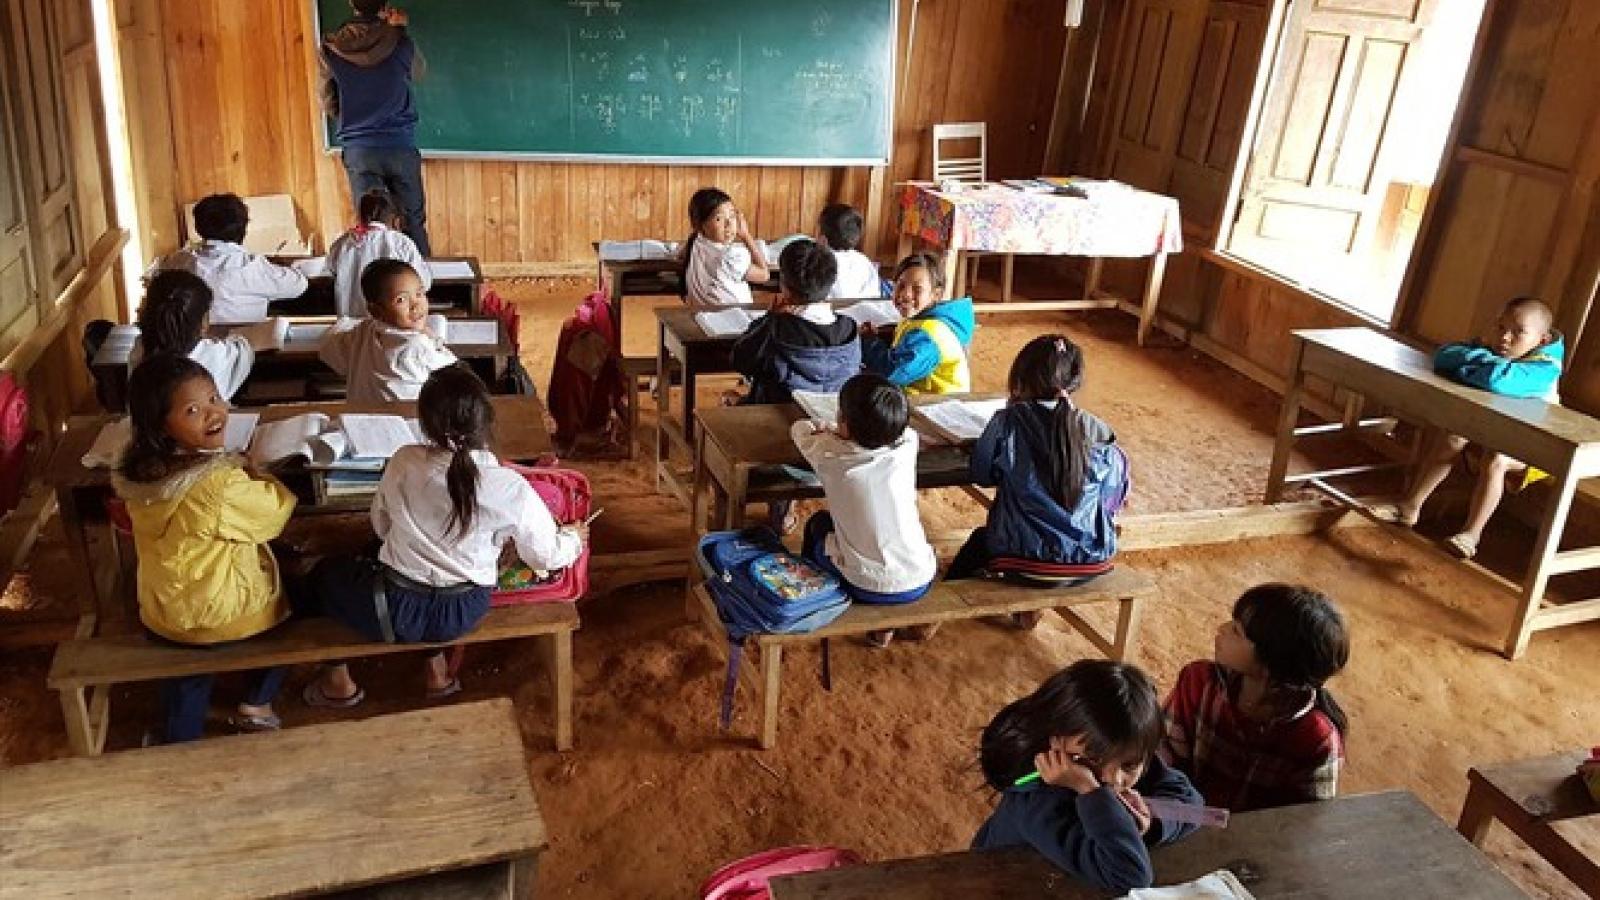 Khó tuyển giáo viên, Quảng Nam đề nghị hạ thấp tiêu chuẩn tuyển dụng